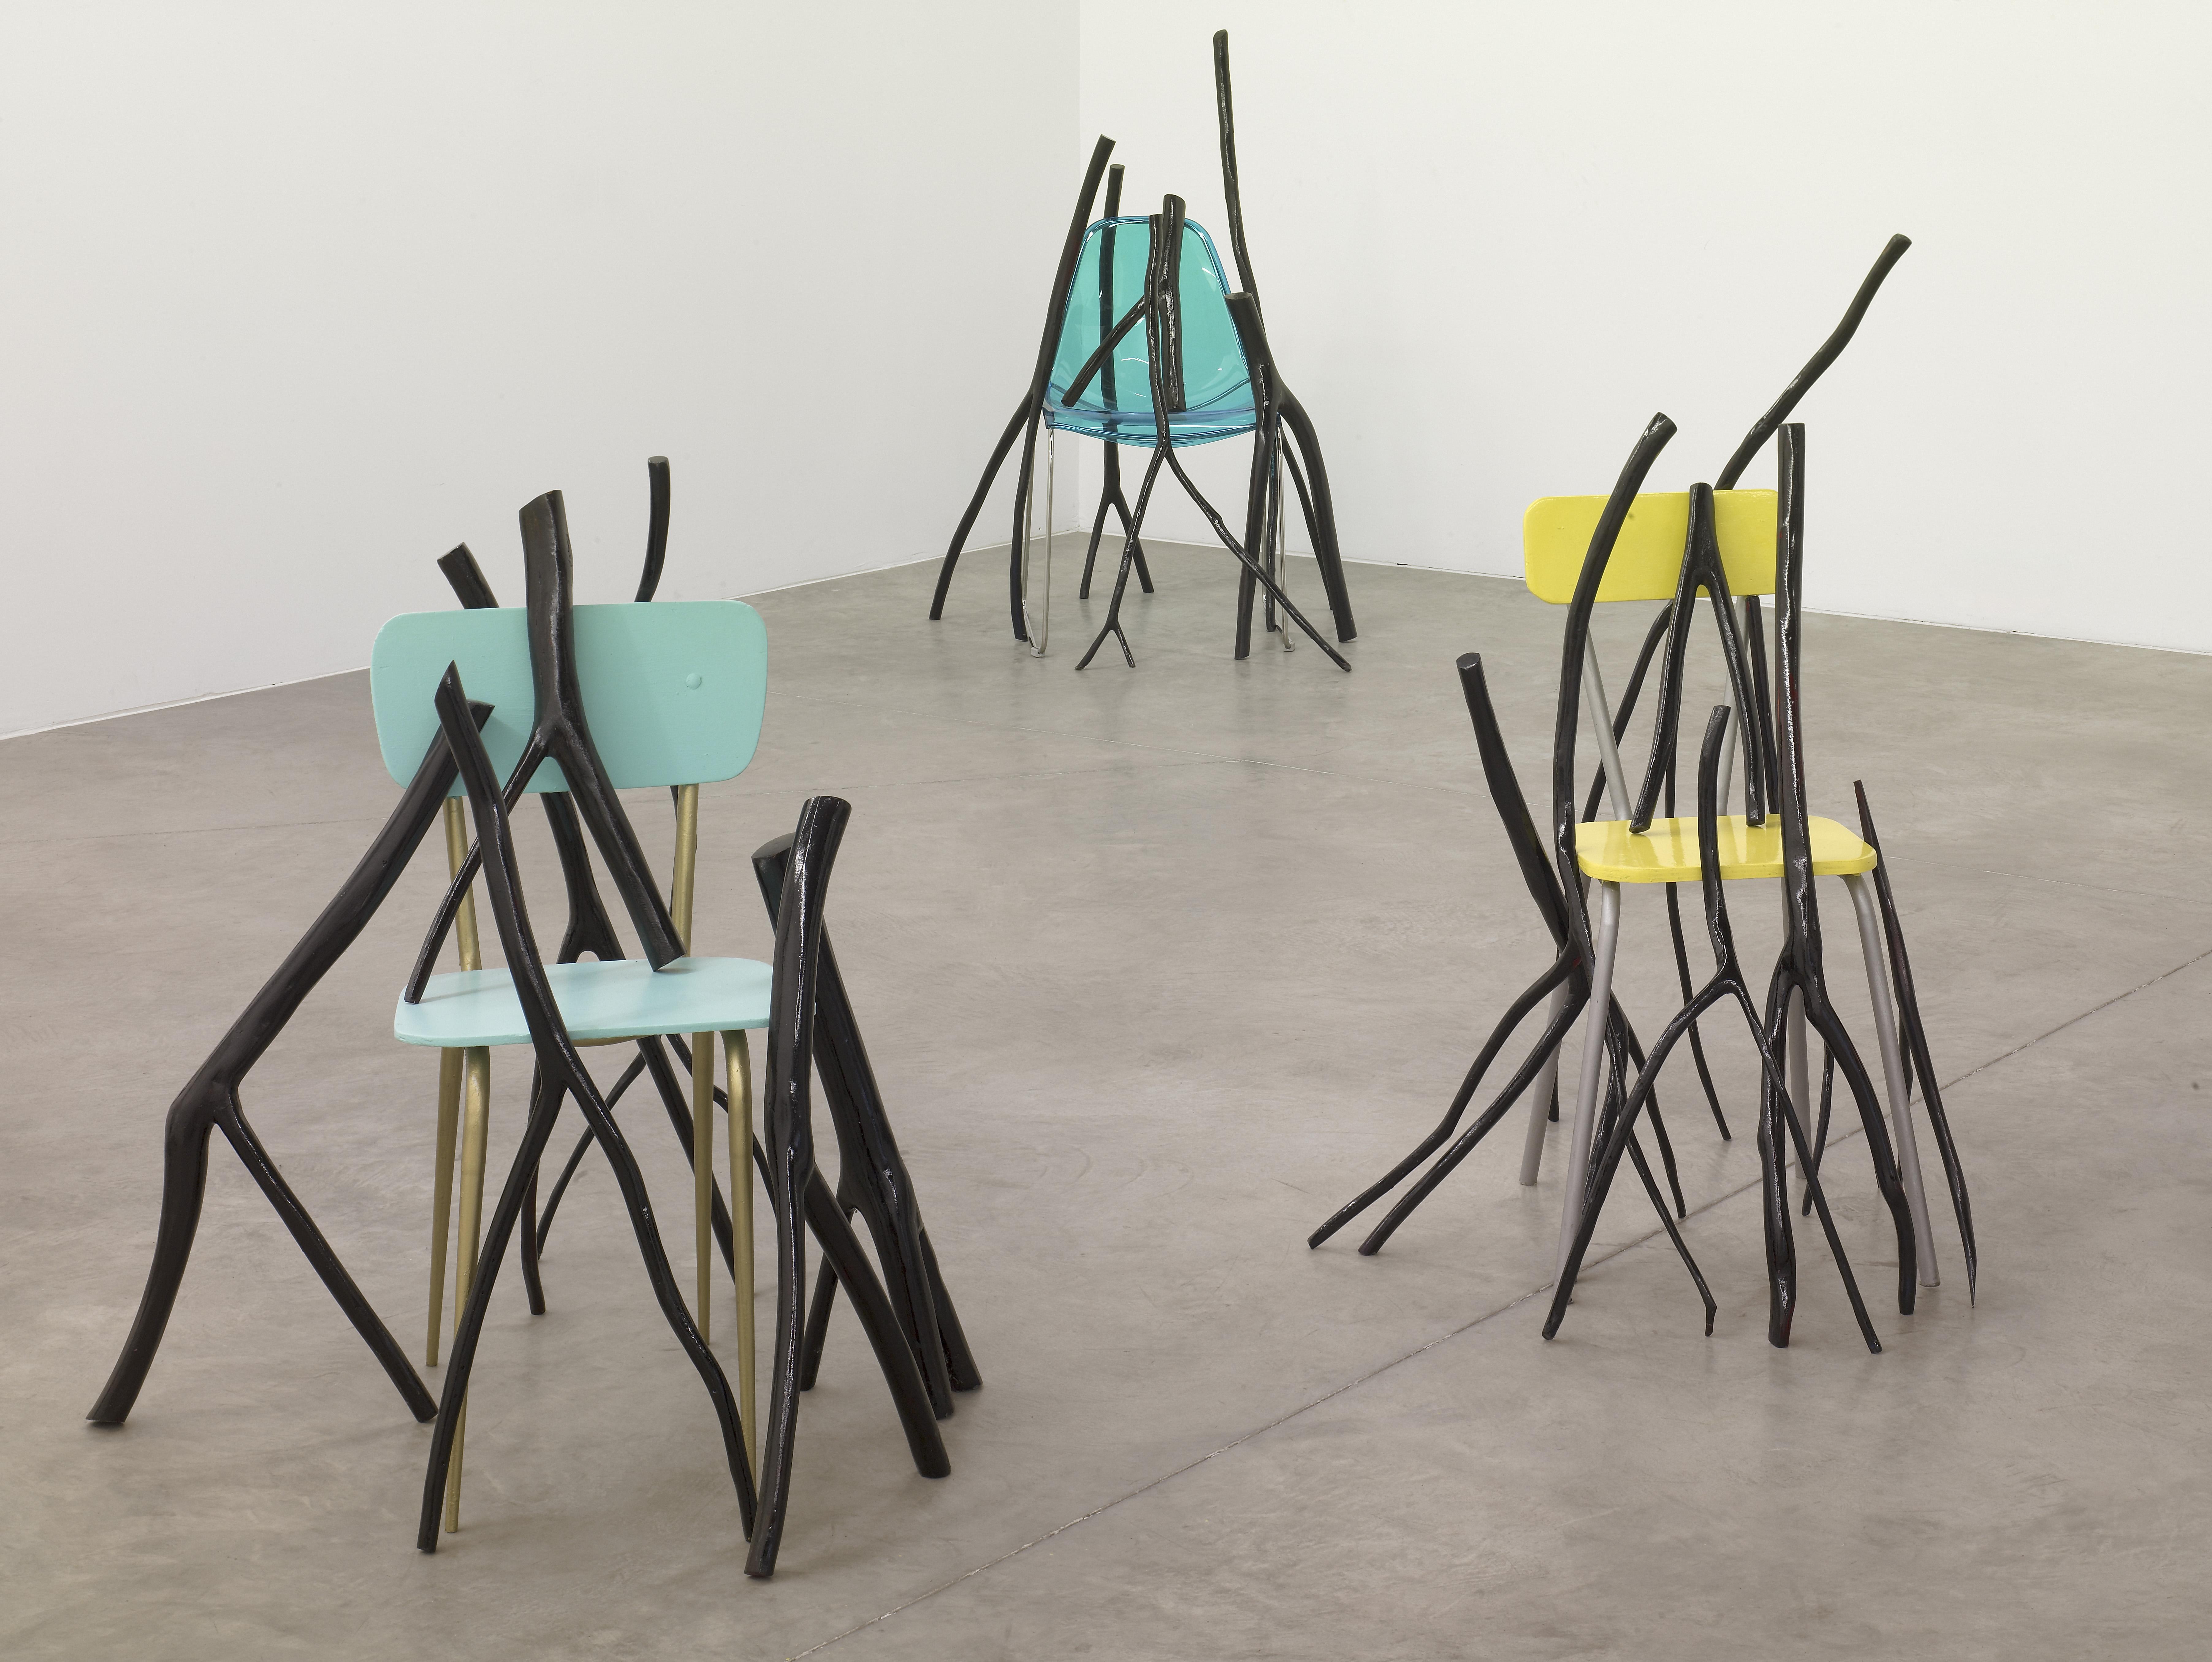 Gâtons la chaise – Galerie Verney Caron, 2009